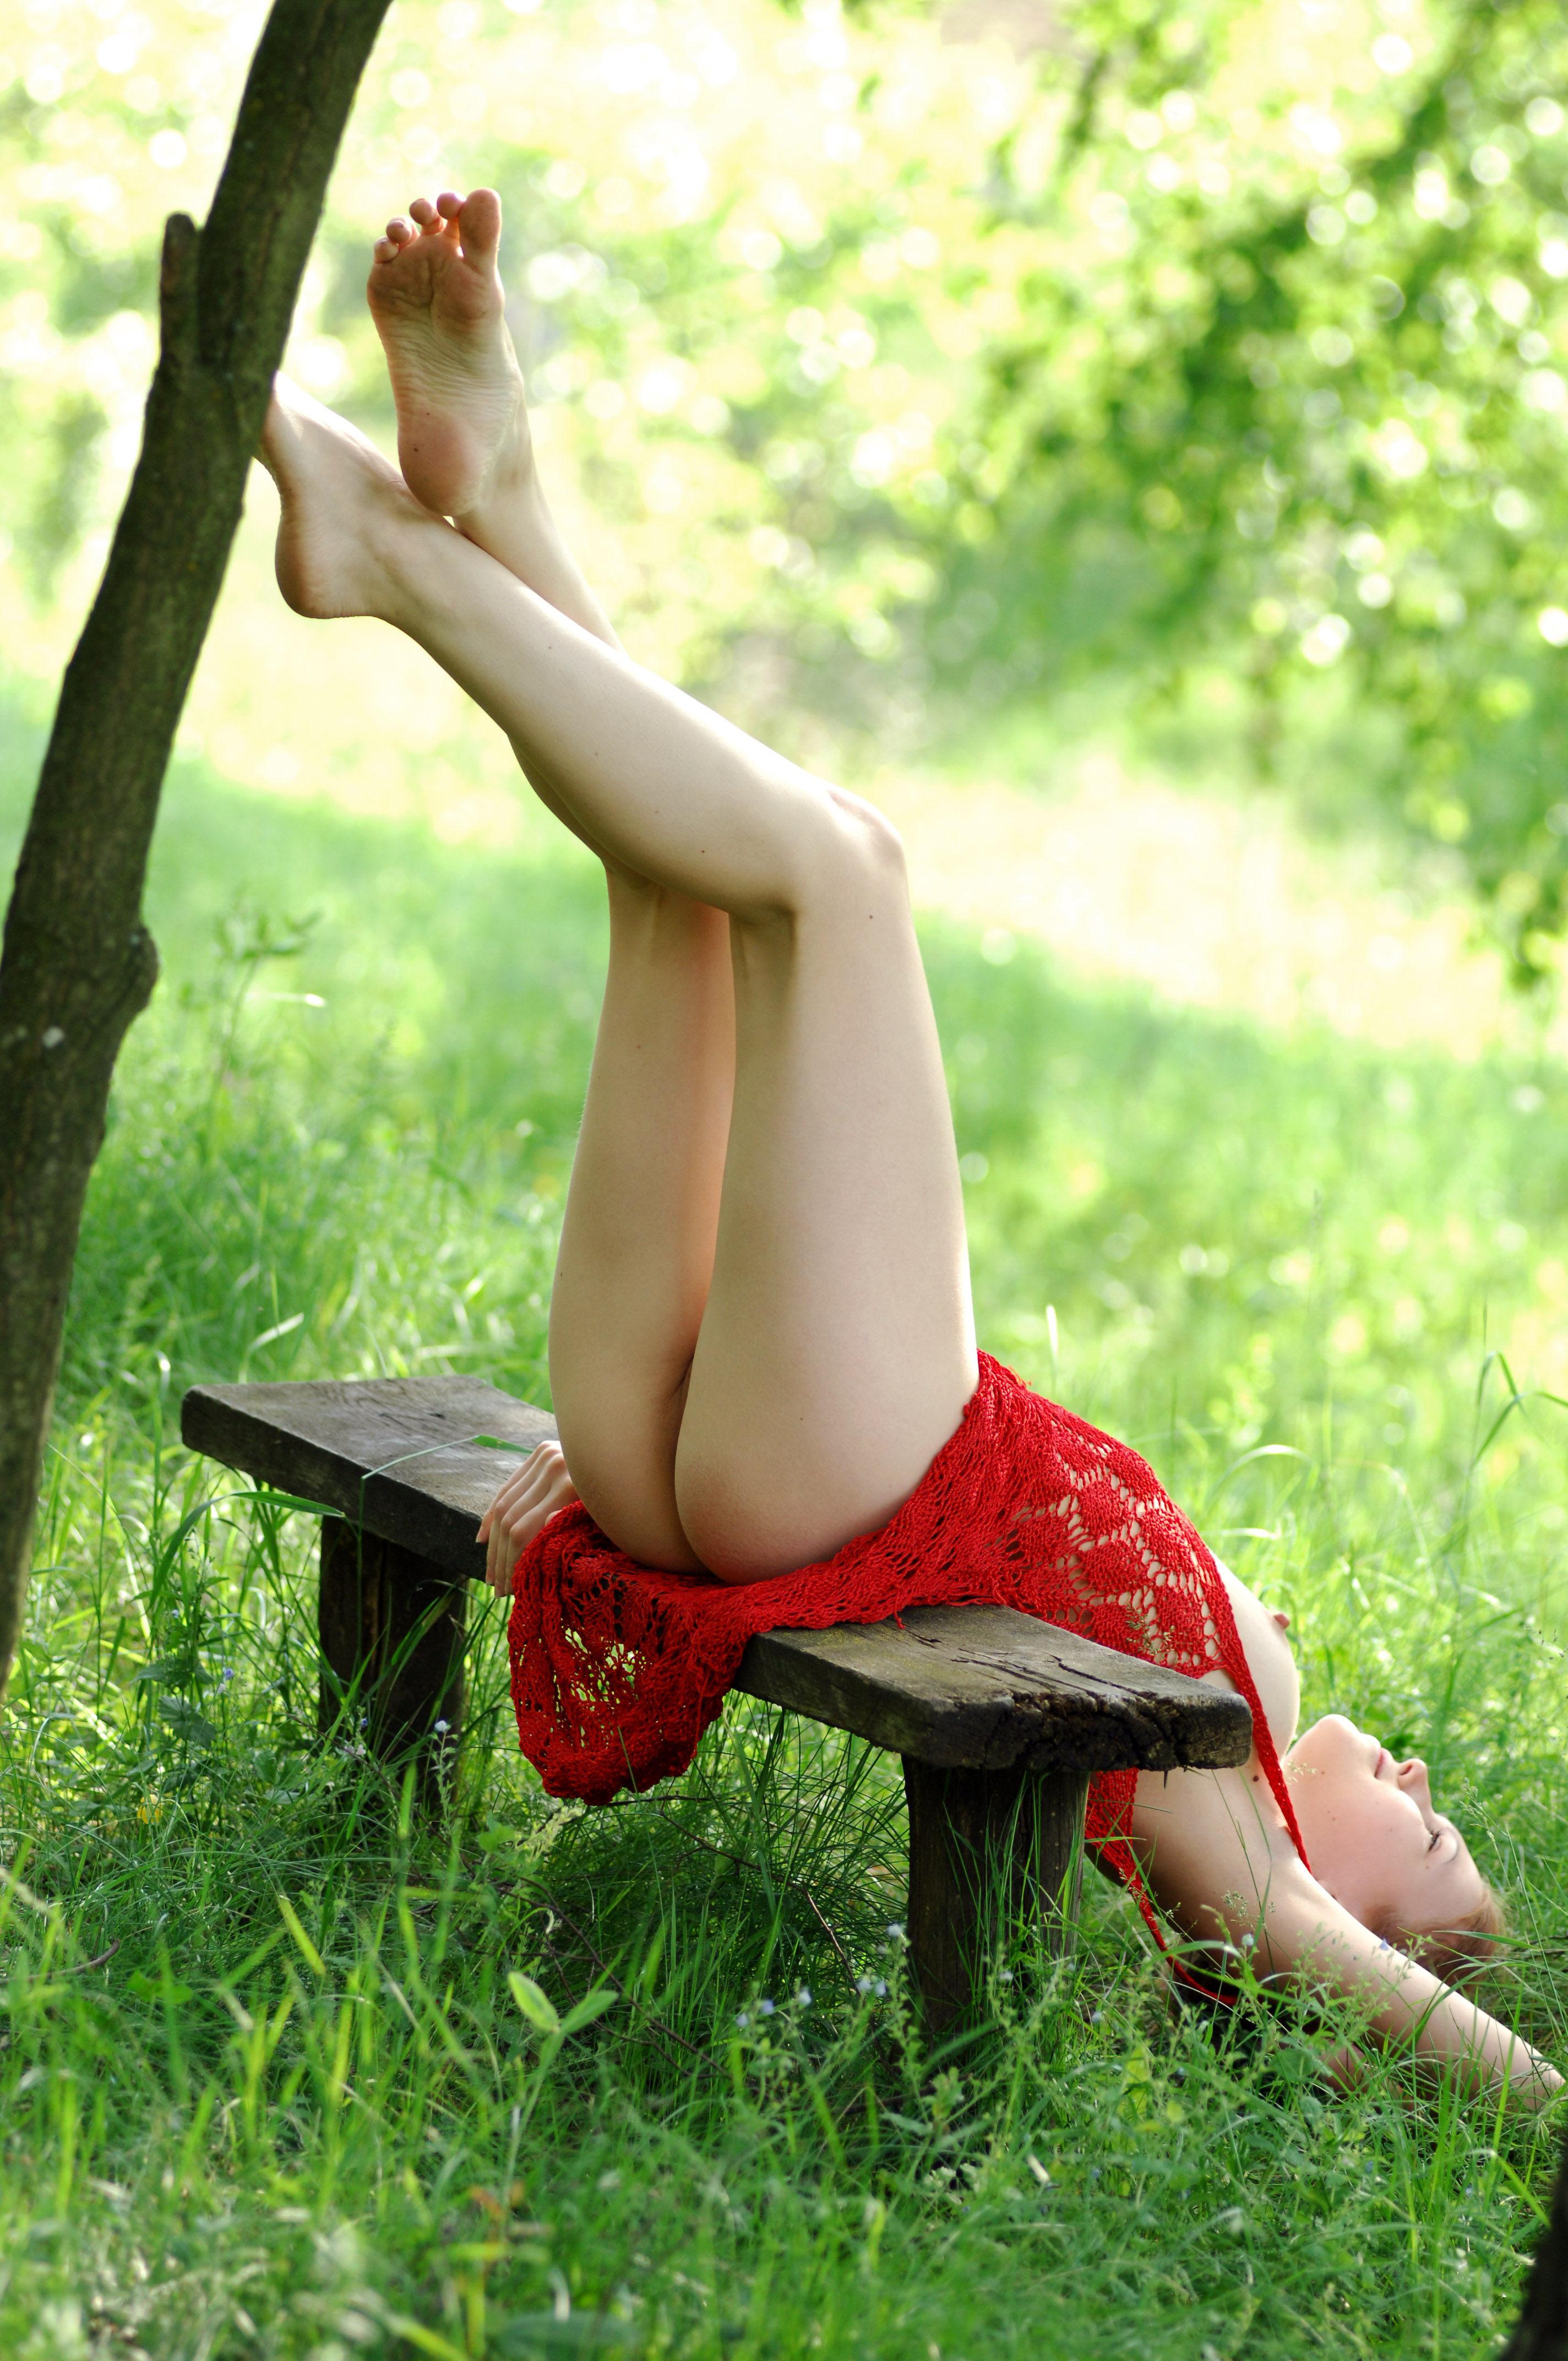 Naked public snap shots xxx outdoor men